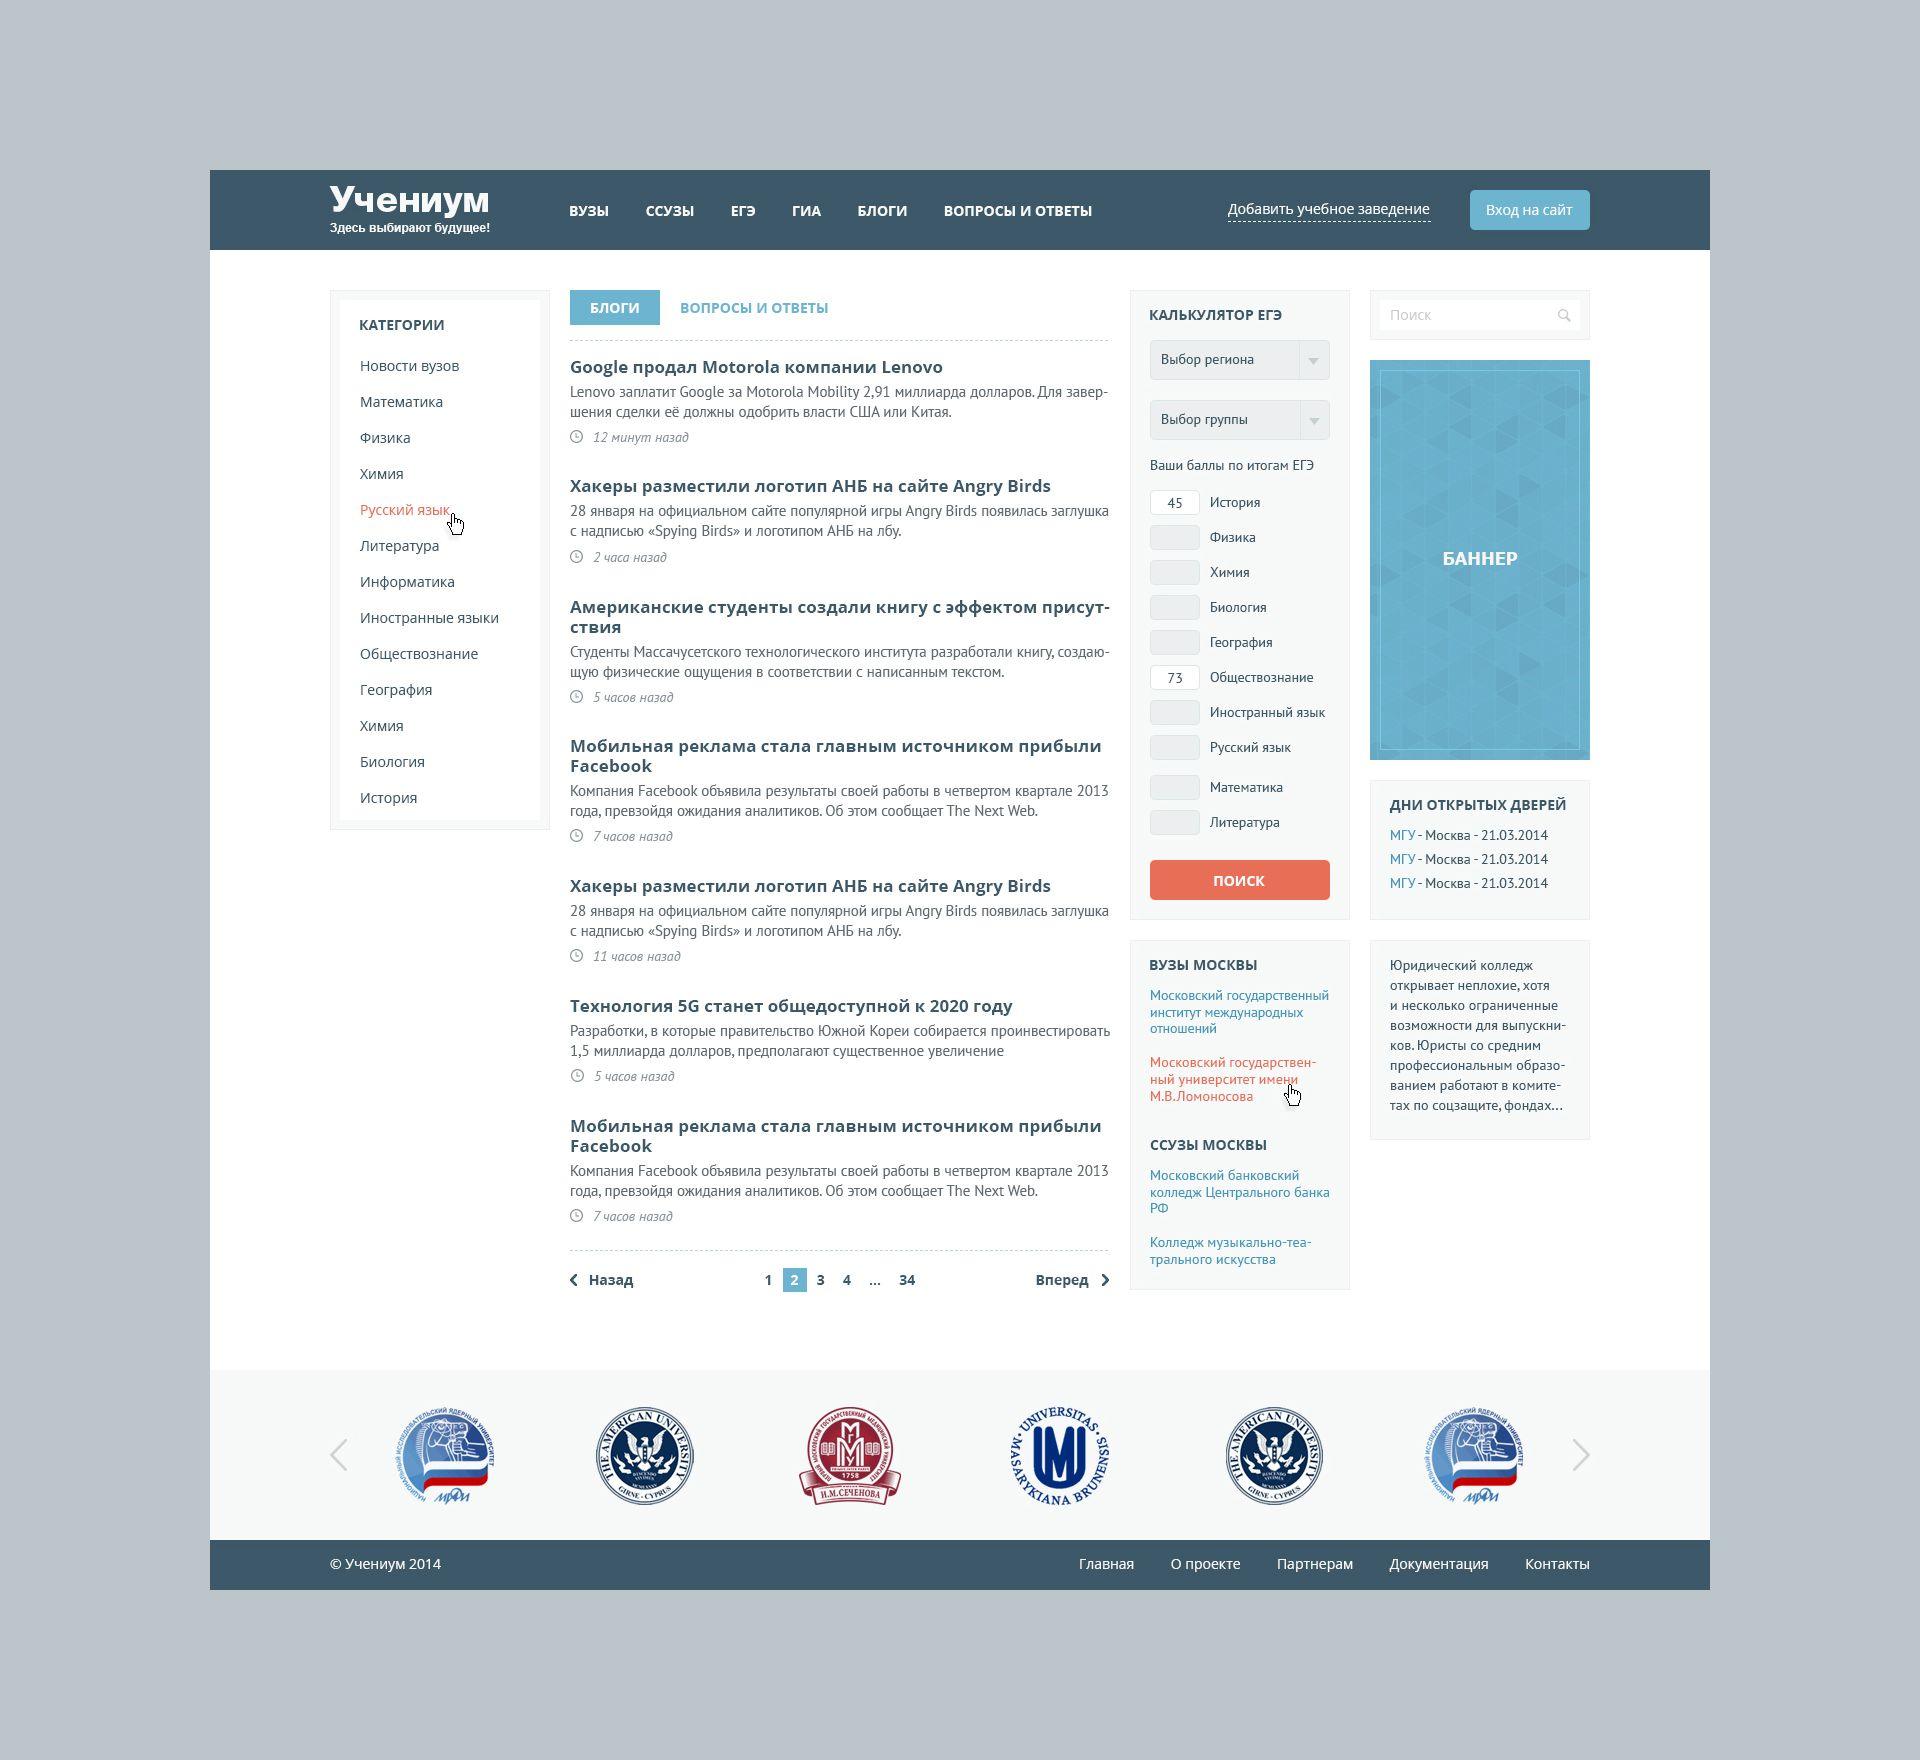 Дизайн для информационного сайта - дизайнер morocco